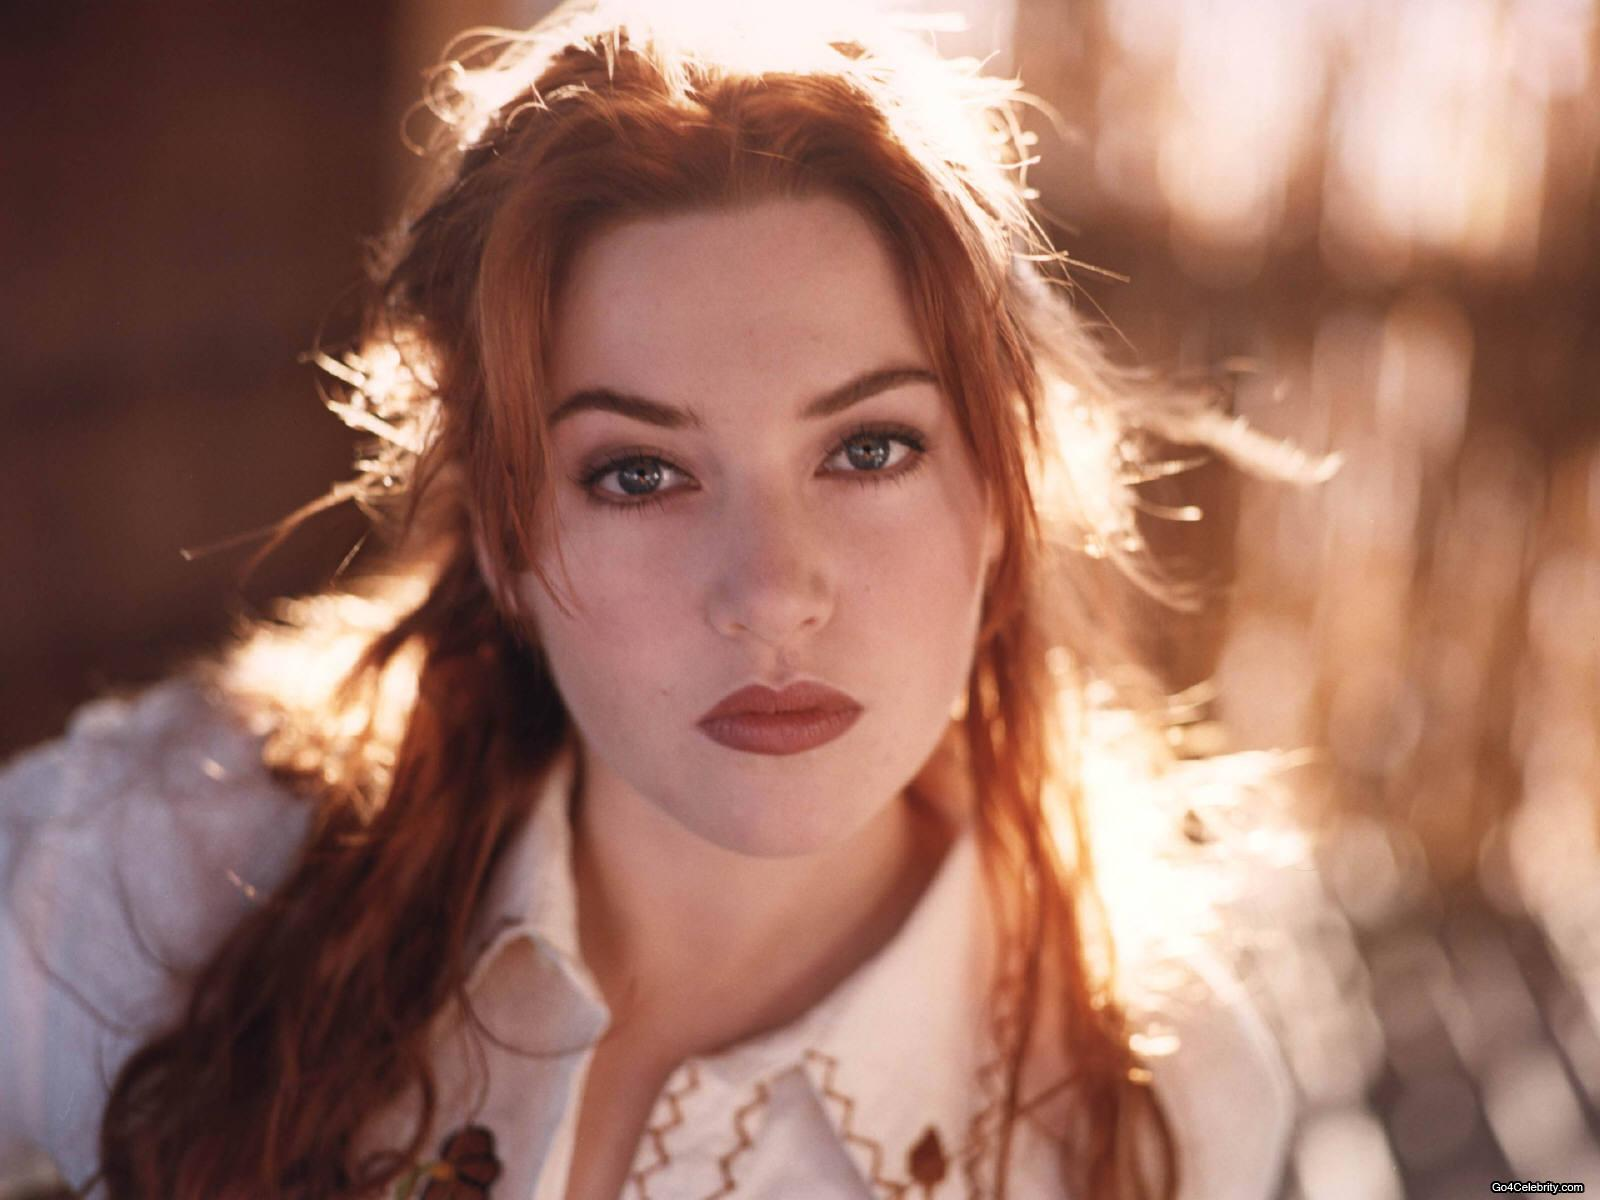 http://2.bp.blogspot.com/-3IETLdDH2_w/TtylJJ086lI/AAAAAAAAB3g/67PFaU_OTGM/s1600/Kate-Winslet-Hot-Photos-HD-3.jpg